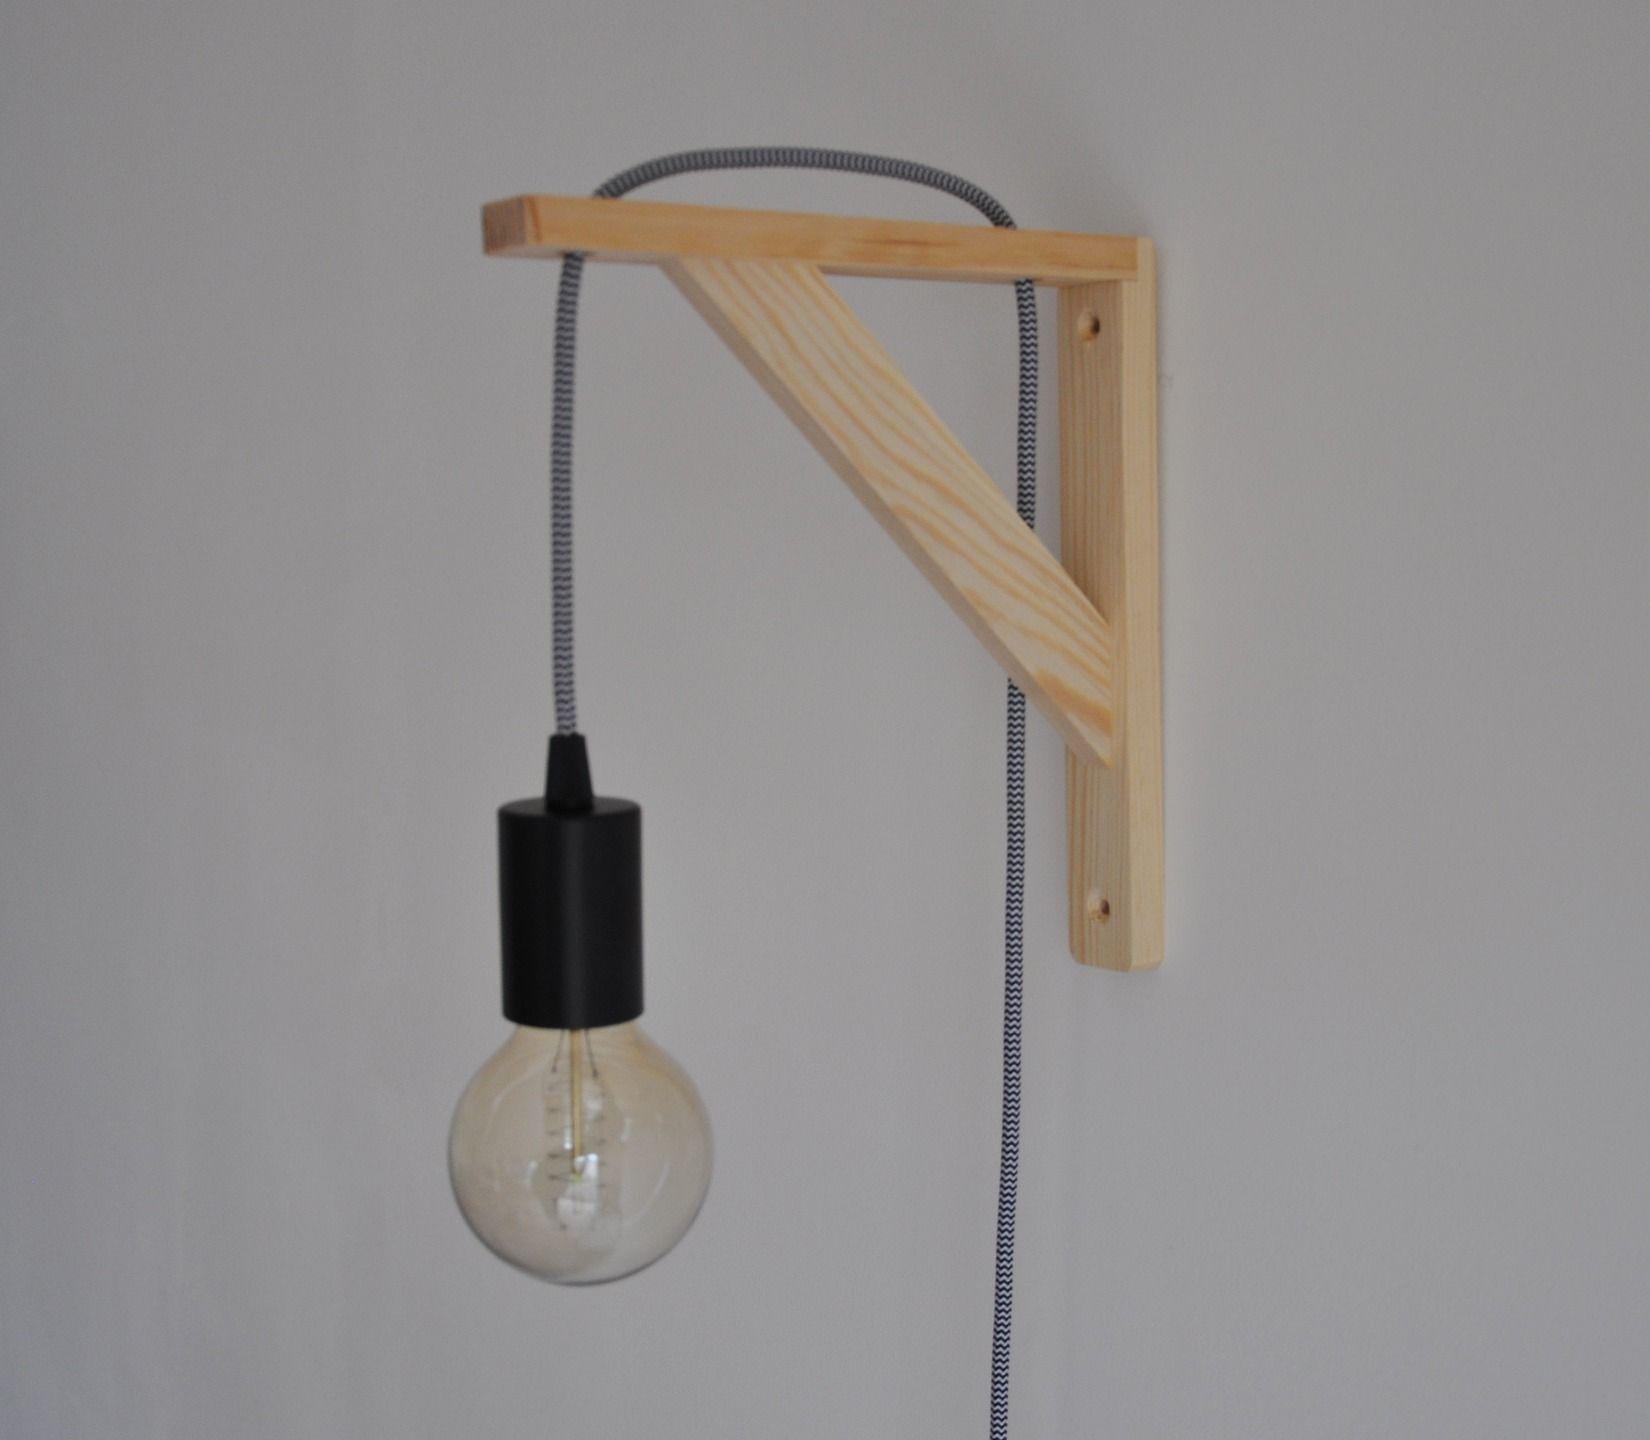 Lampe Querre Lampe Moderne Design Ampoule D Co Ampoule